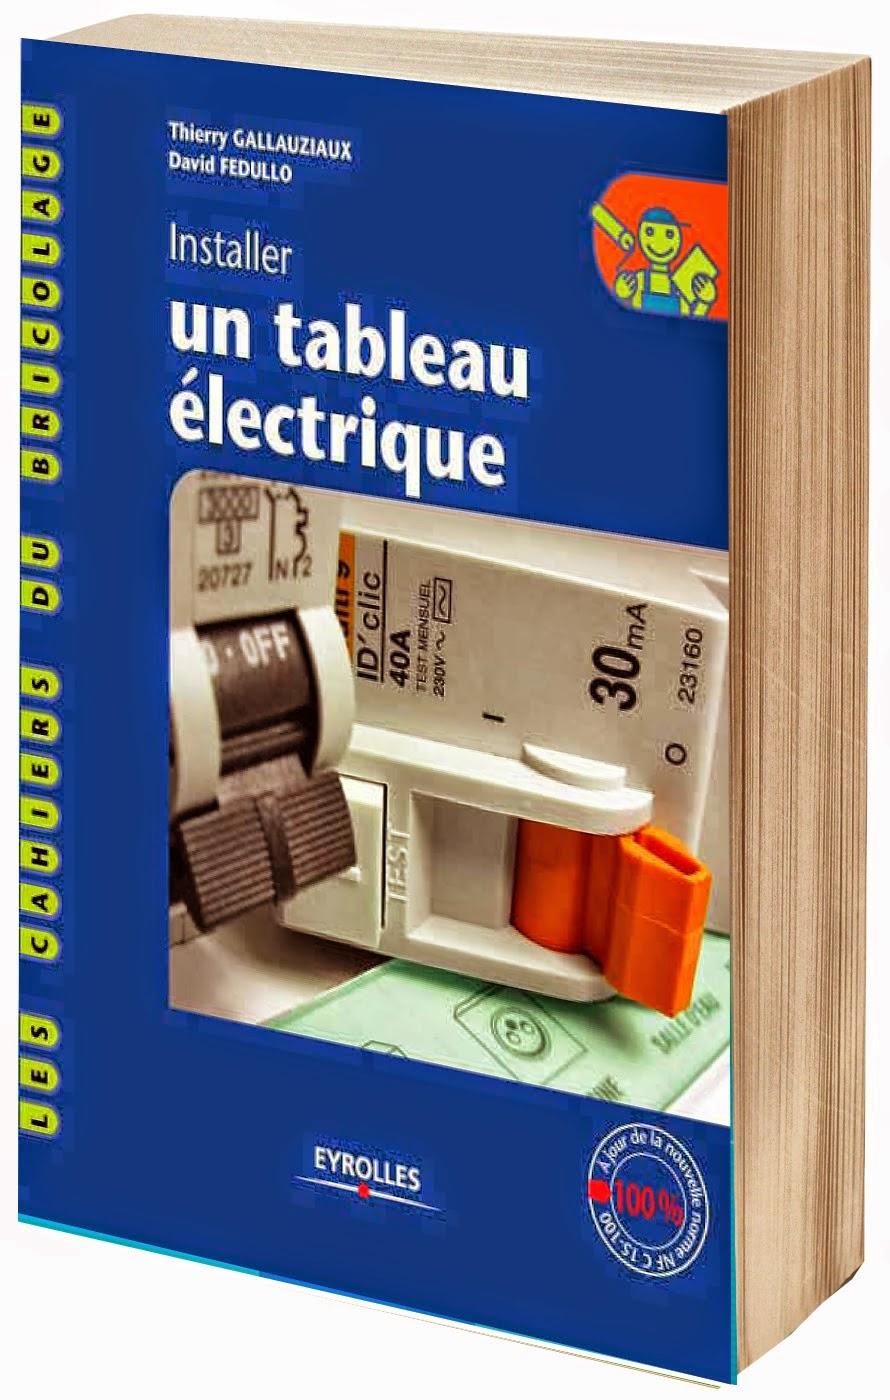 installer tableau electrique livres download. Black Bedroom Furniture Sets. Home Design Ideas